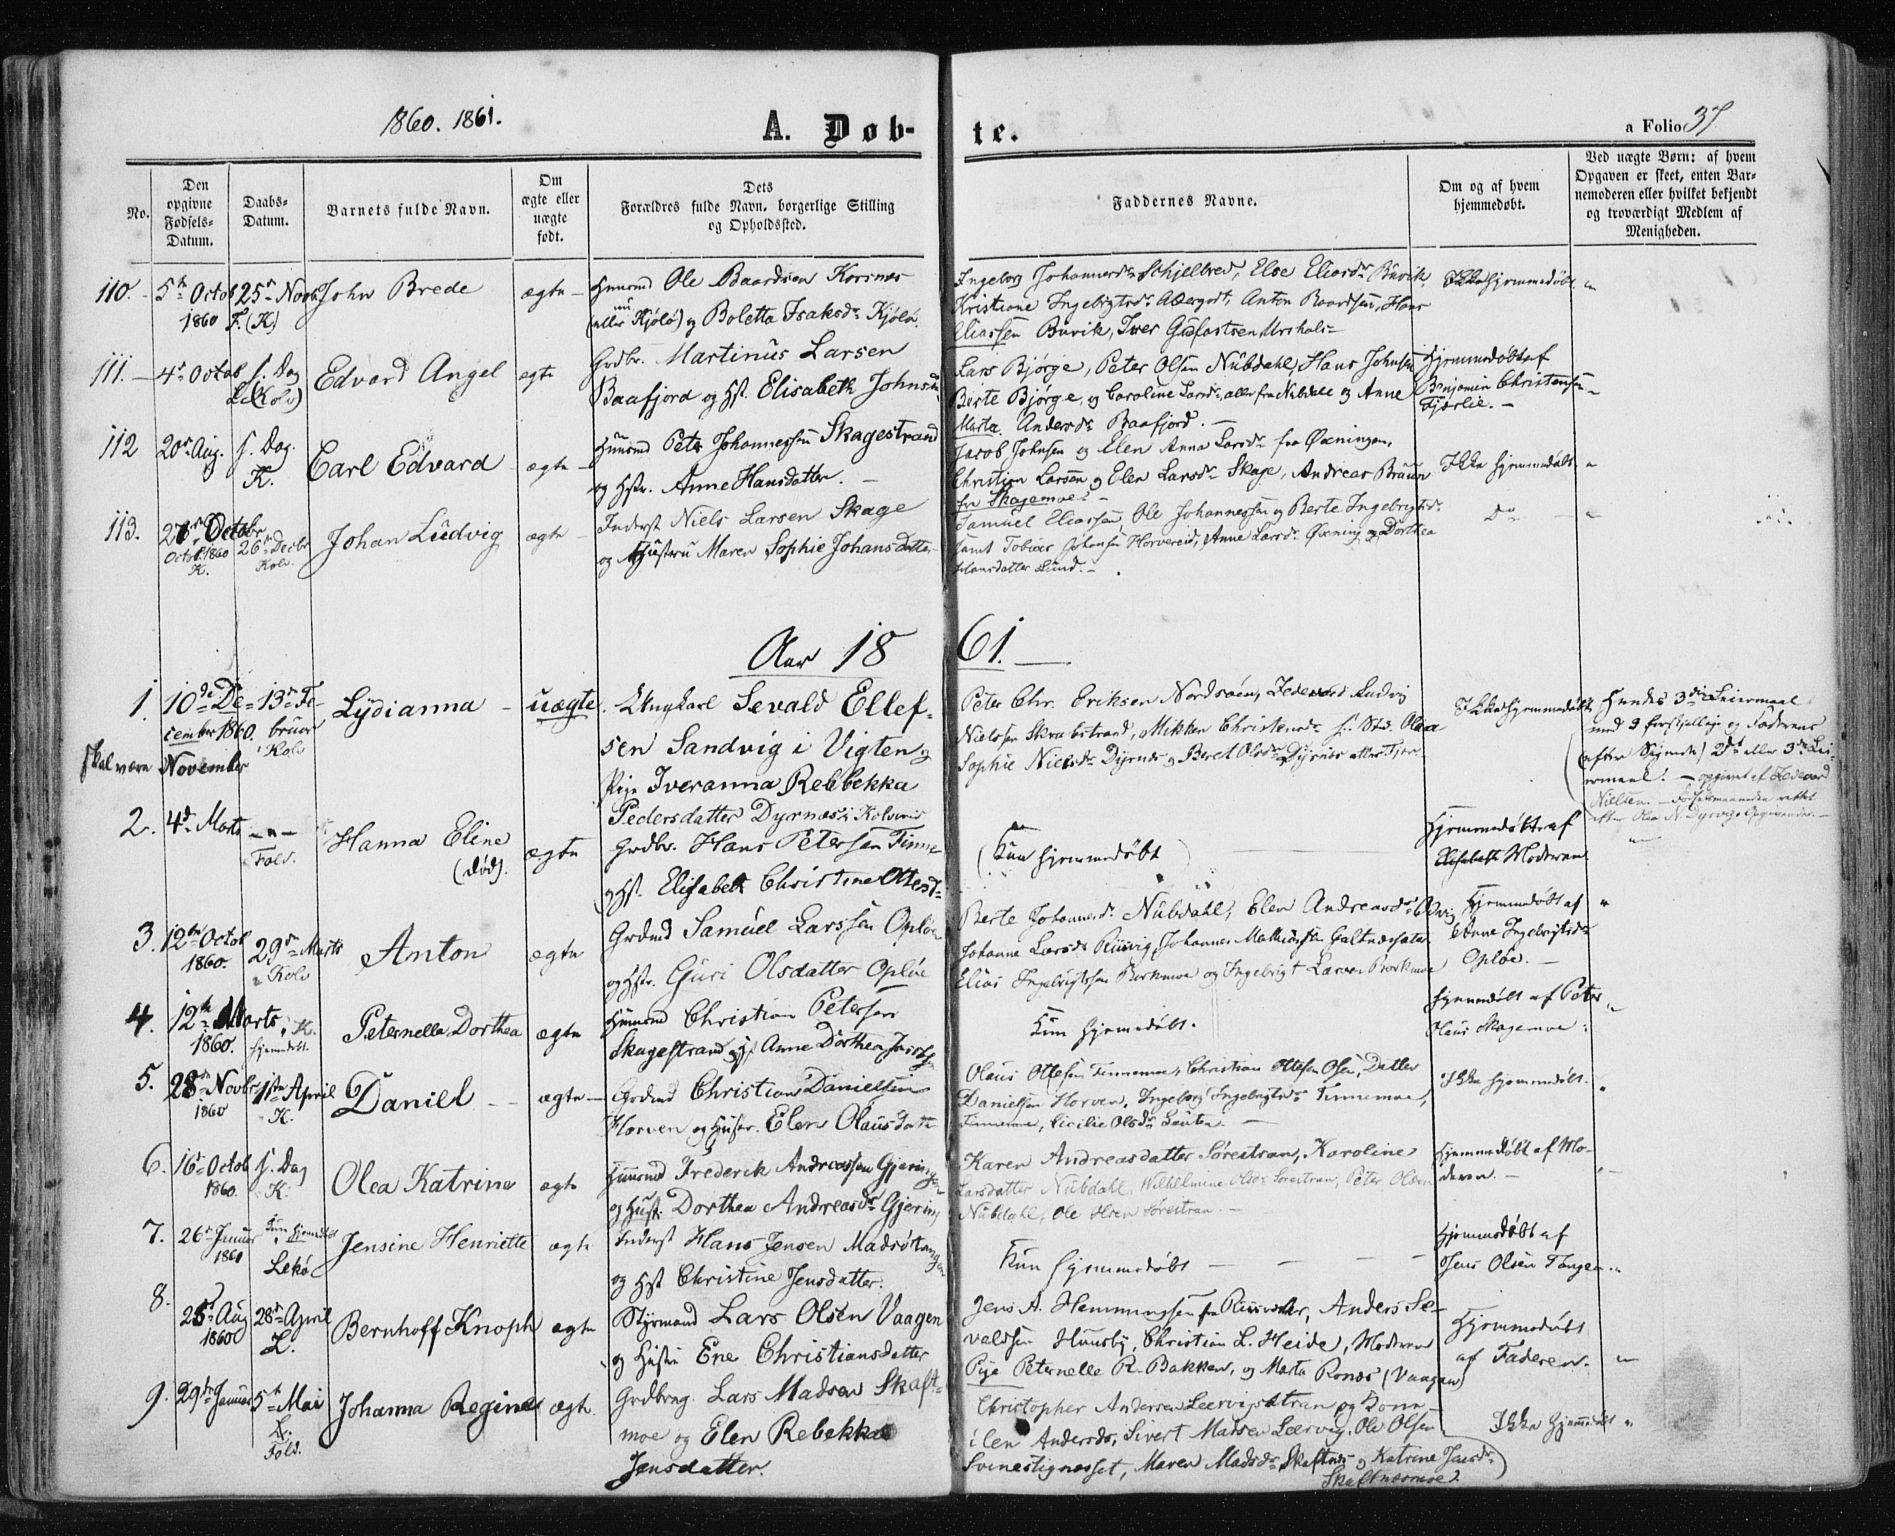 SAT, Ministerialprotokoller, klokkerbøker og fødselsregistre - Nord-Trøndelag, 780/L0641: Ministerialbok nr. 780A06, 1857-1874, s. 37